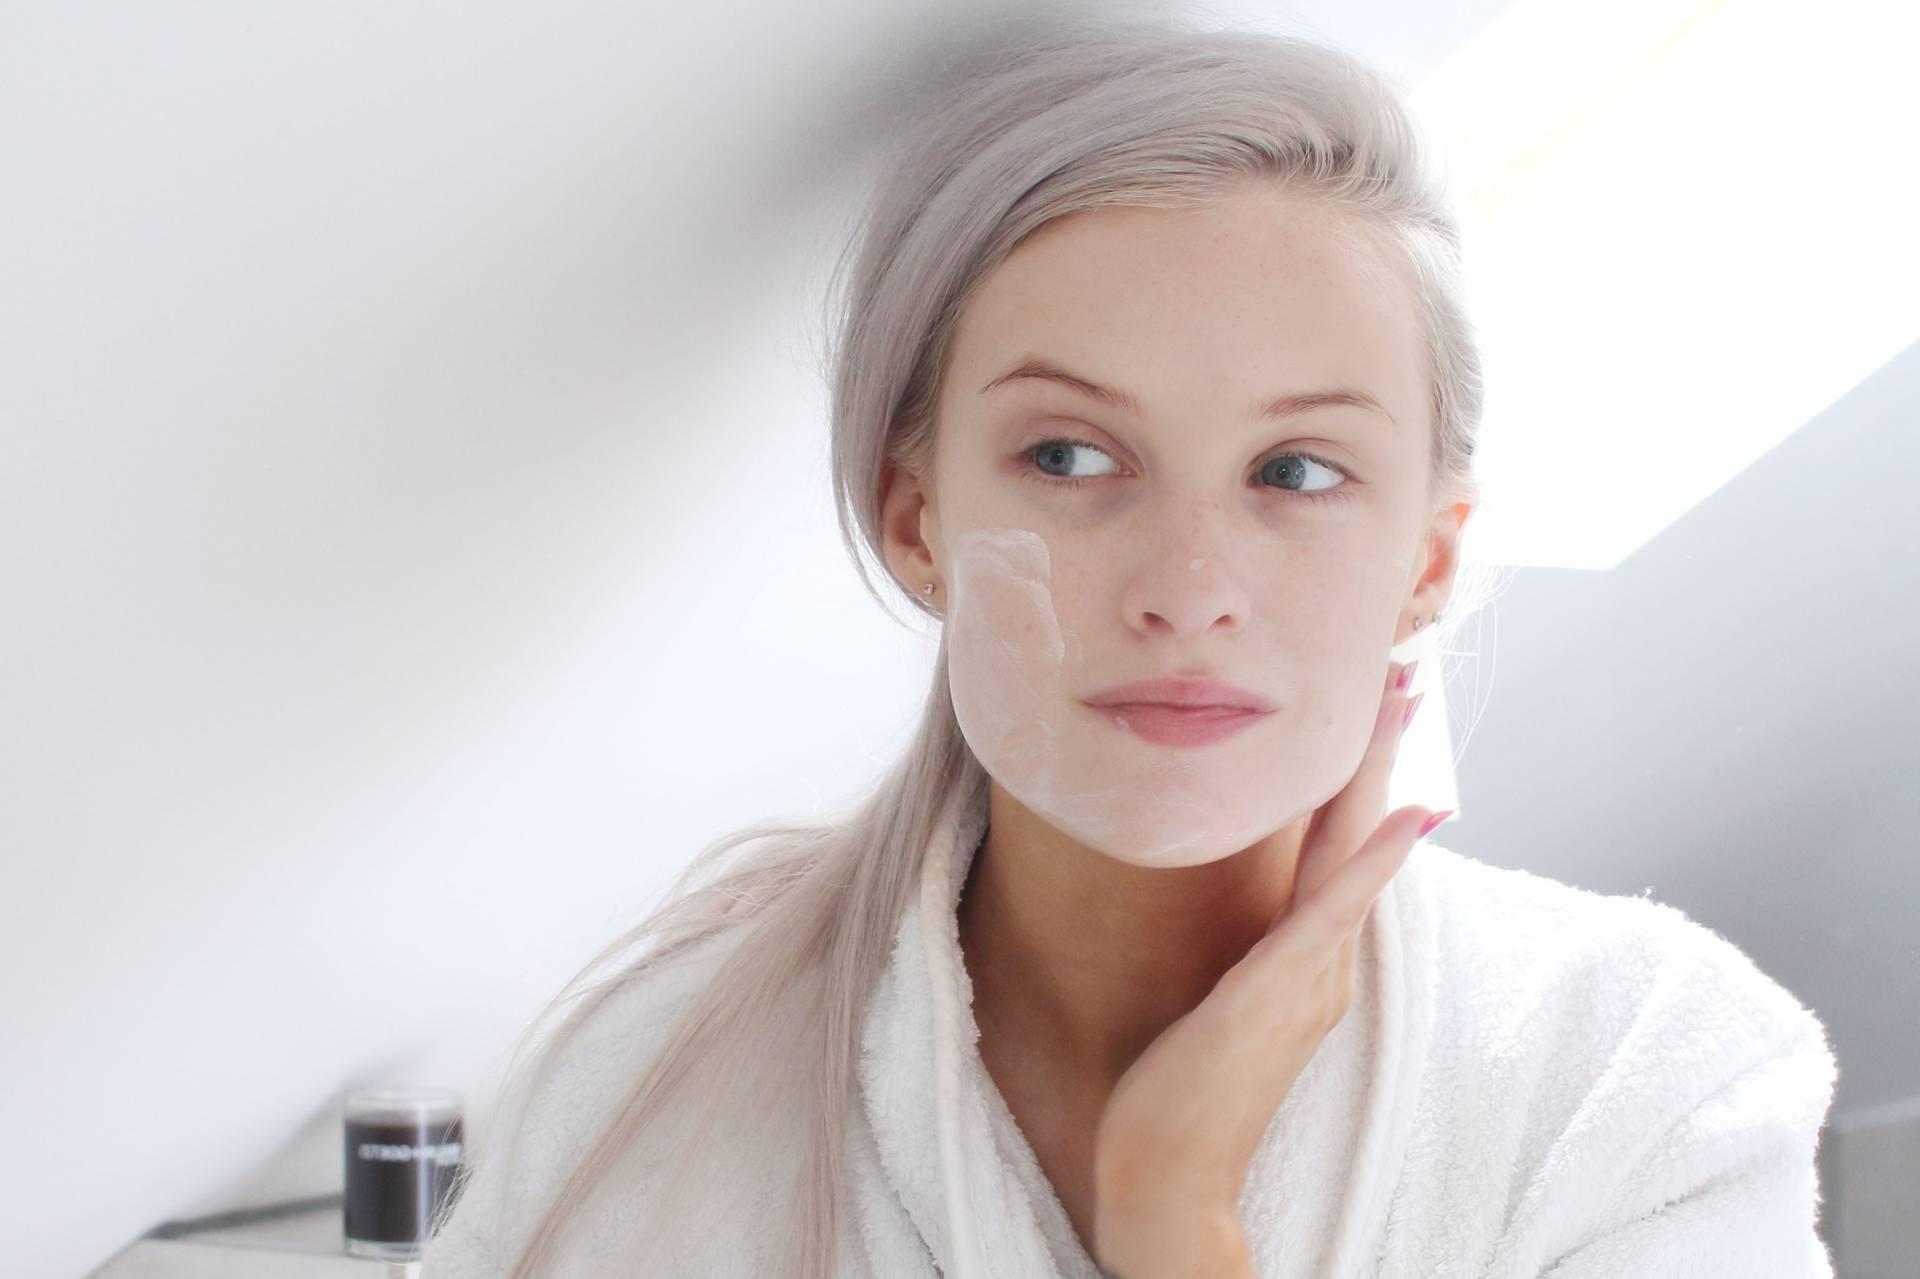 caudalie face masks